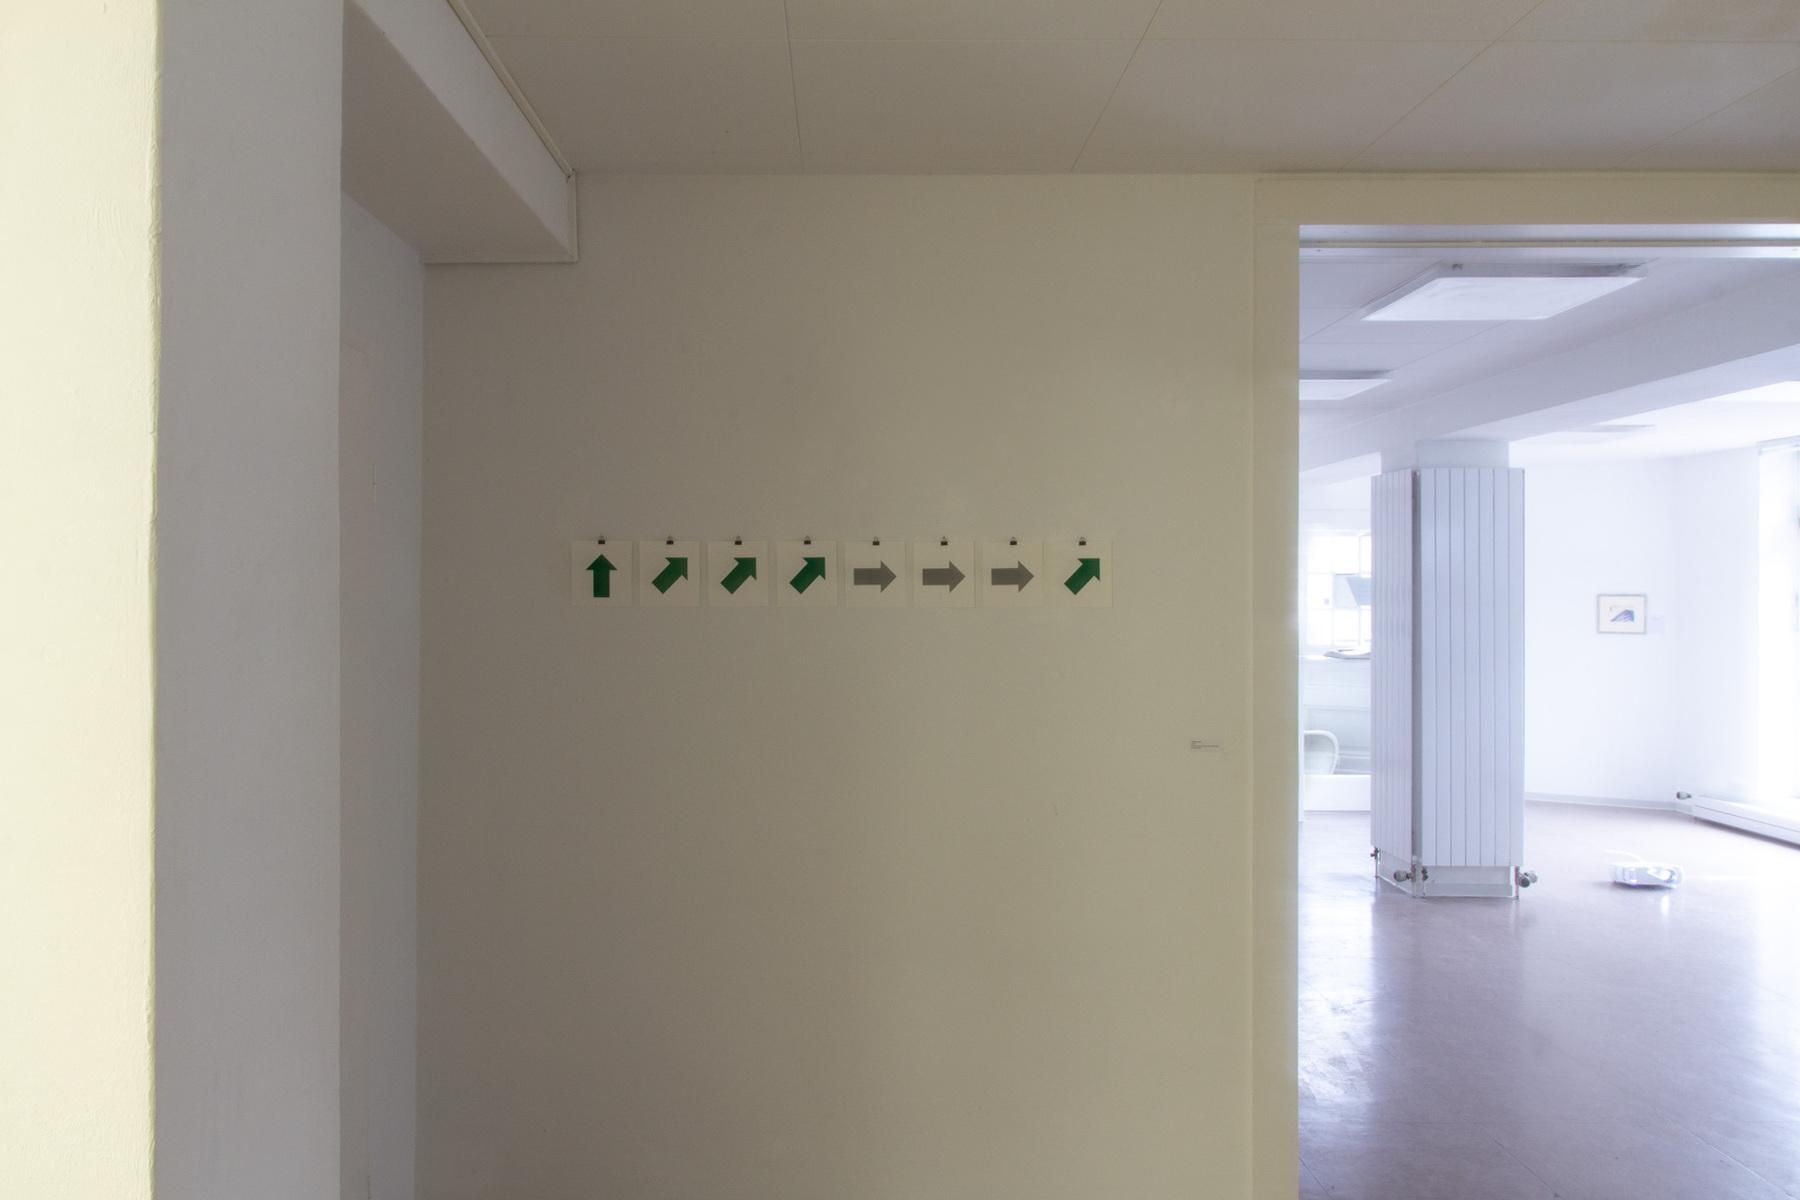 Philipp Valenta - Ausstellungsansicht/Exhibition View Vektor (20.09.2019, 16 Uhr)